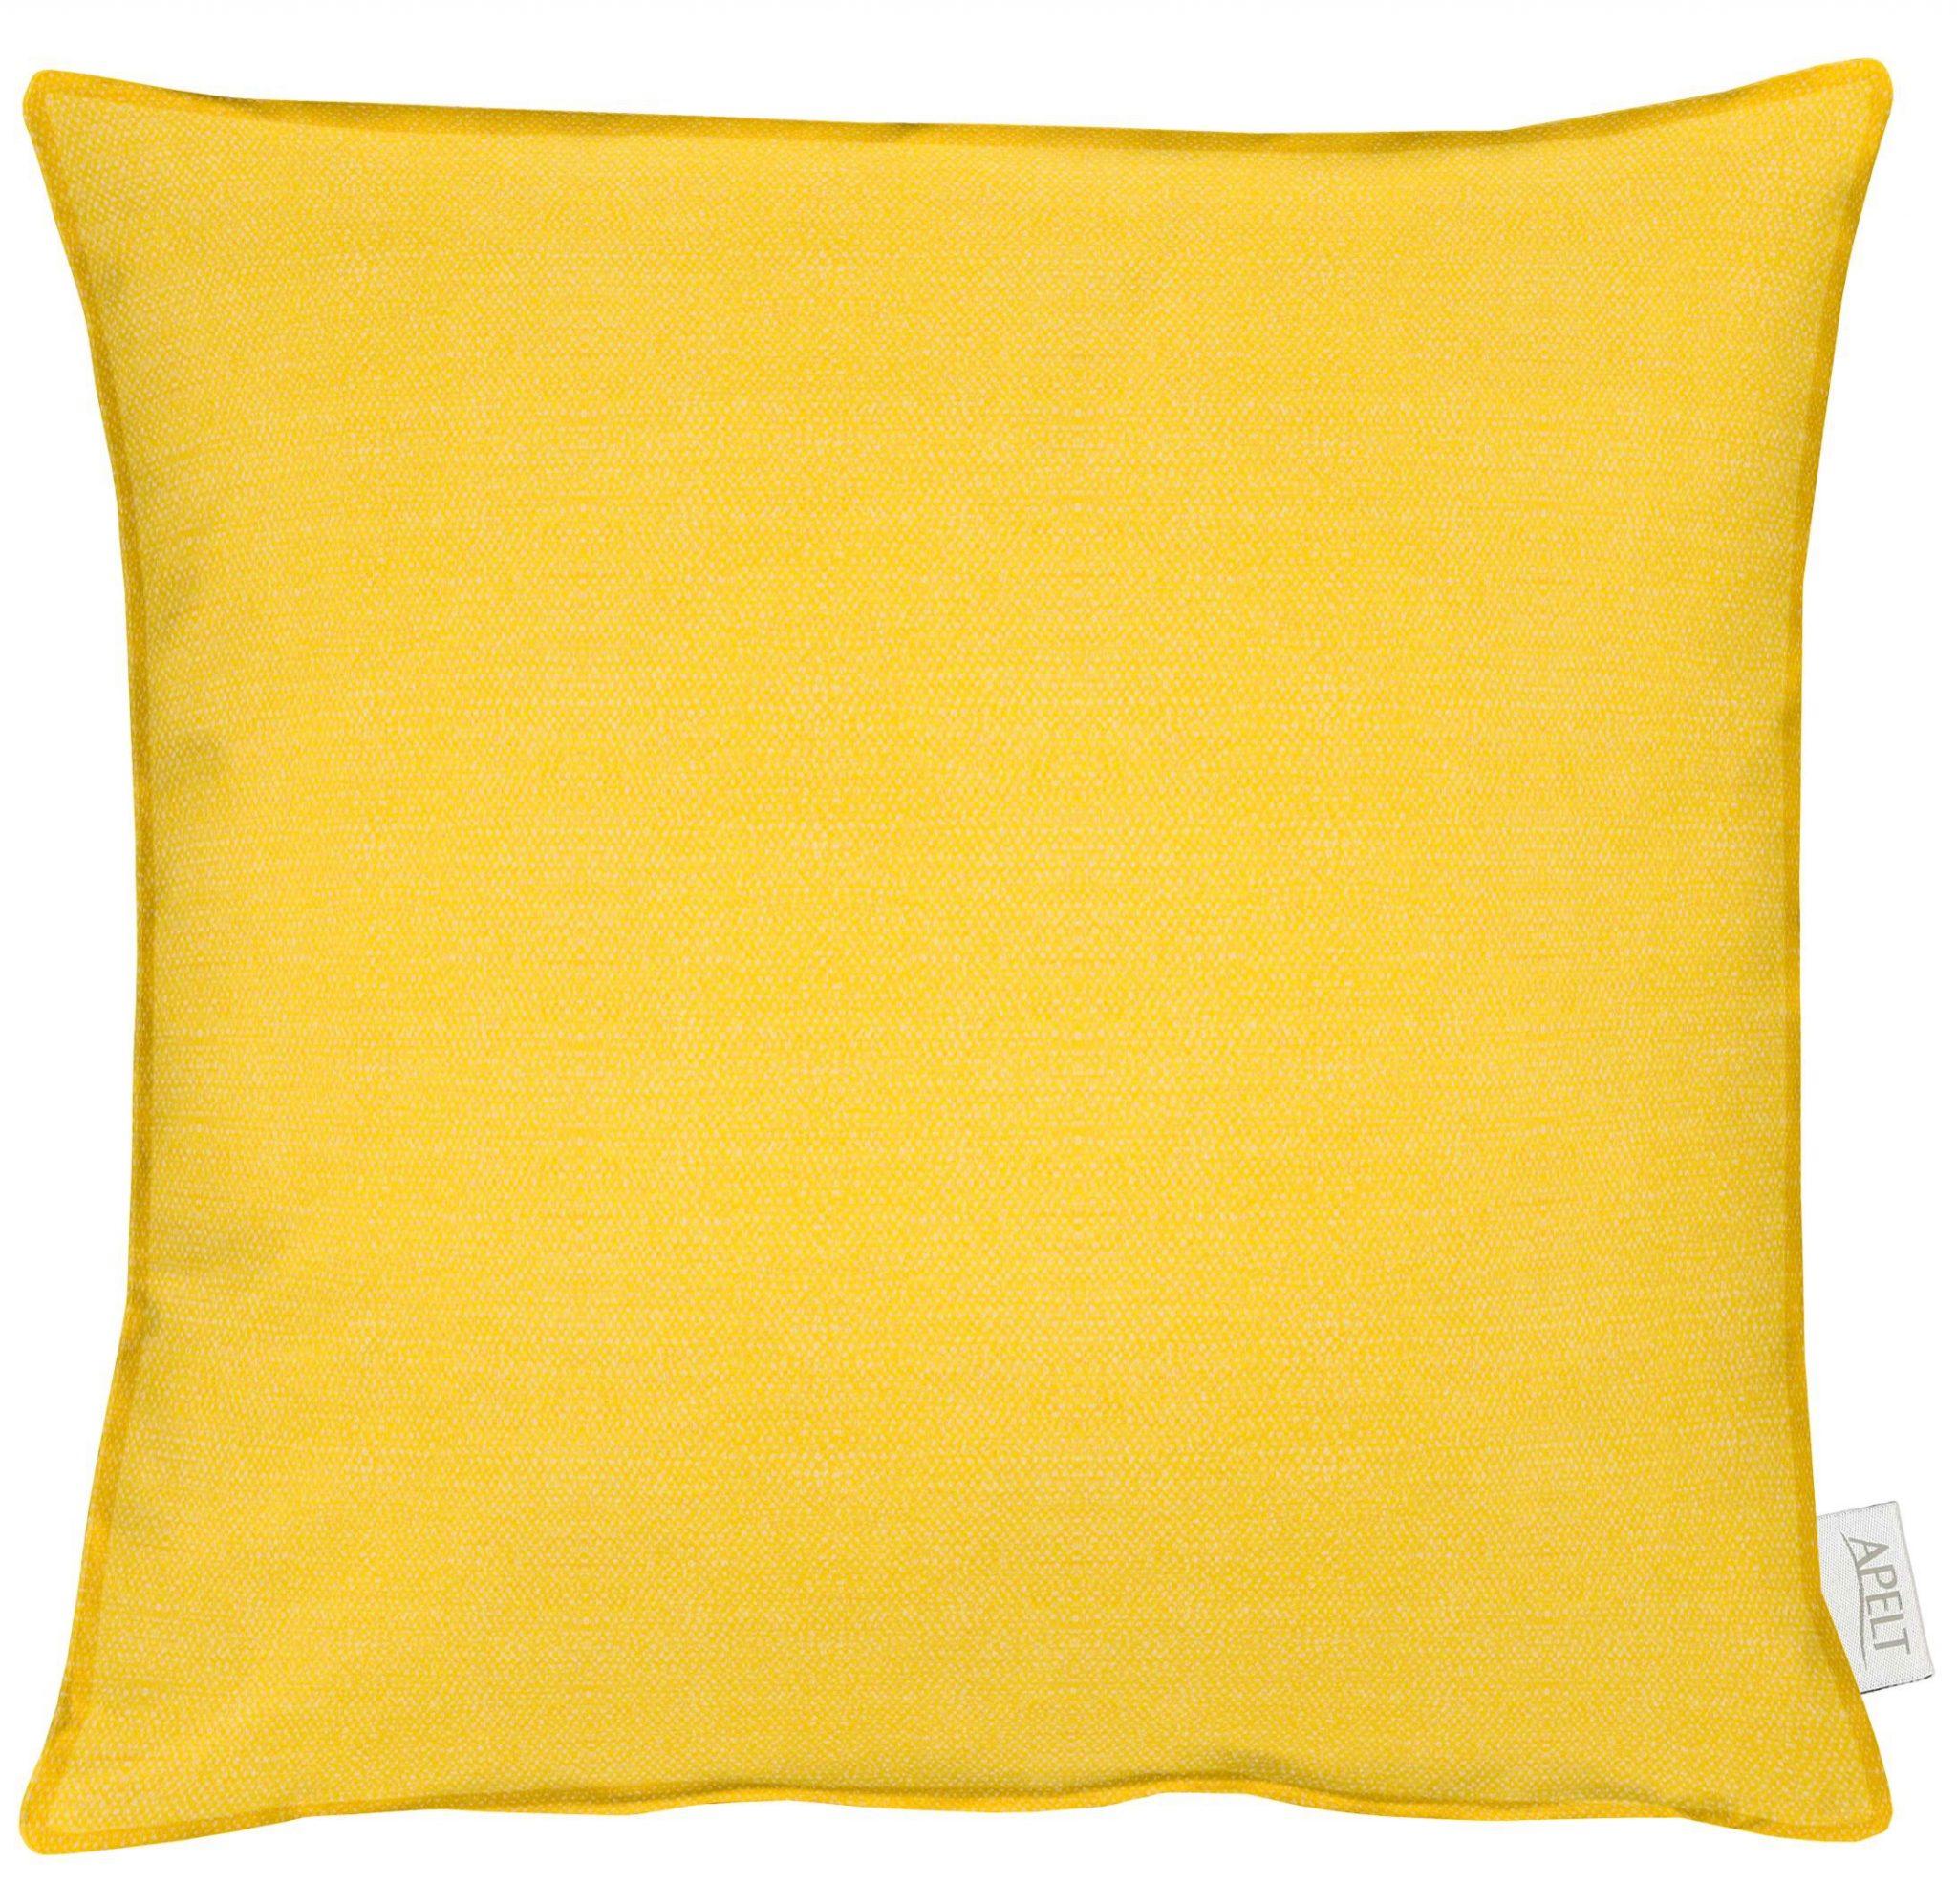 Kissen Apelt MORRIS mit Stehsaum gelb 45x45